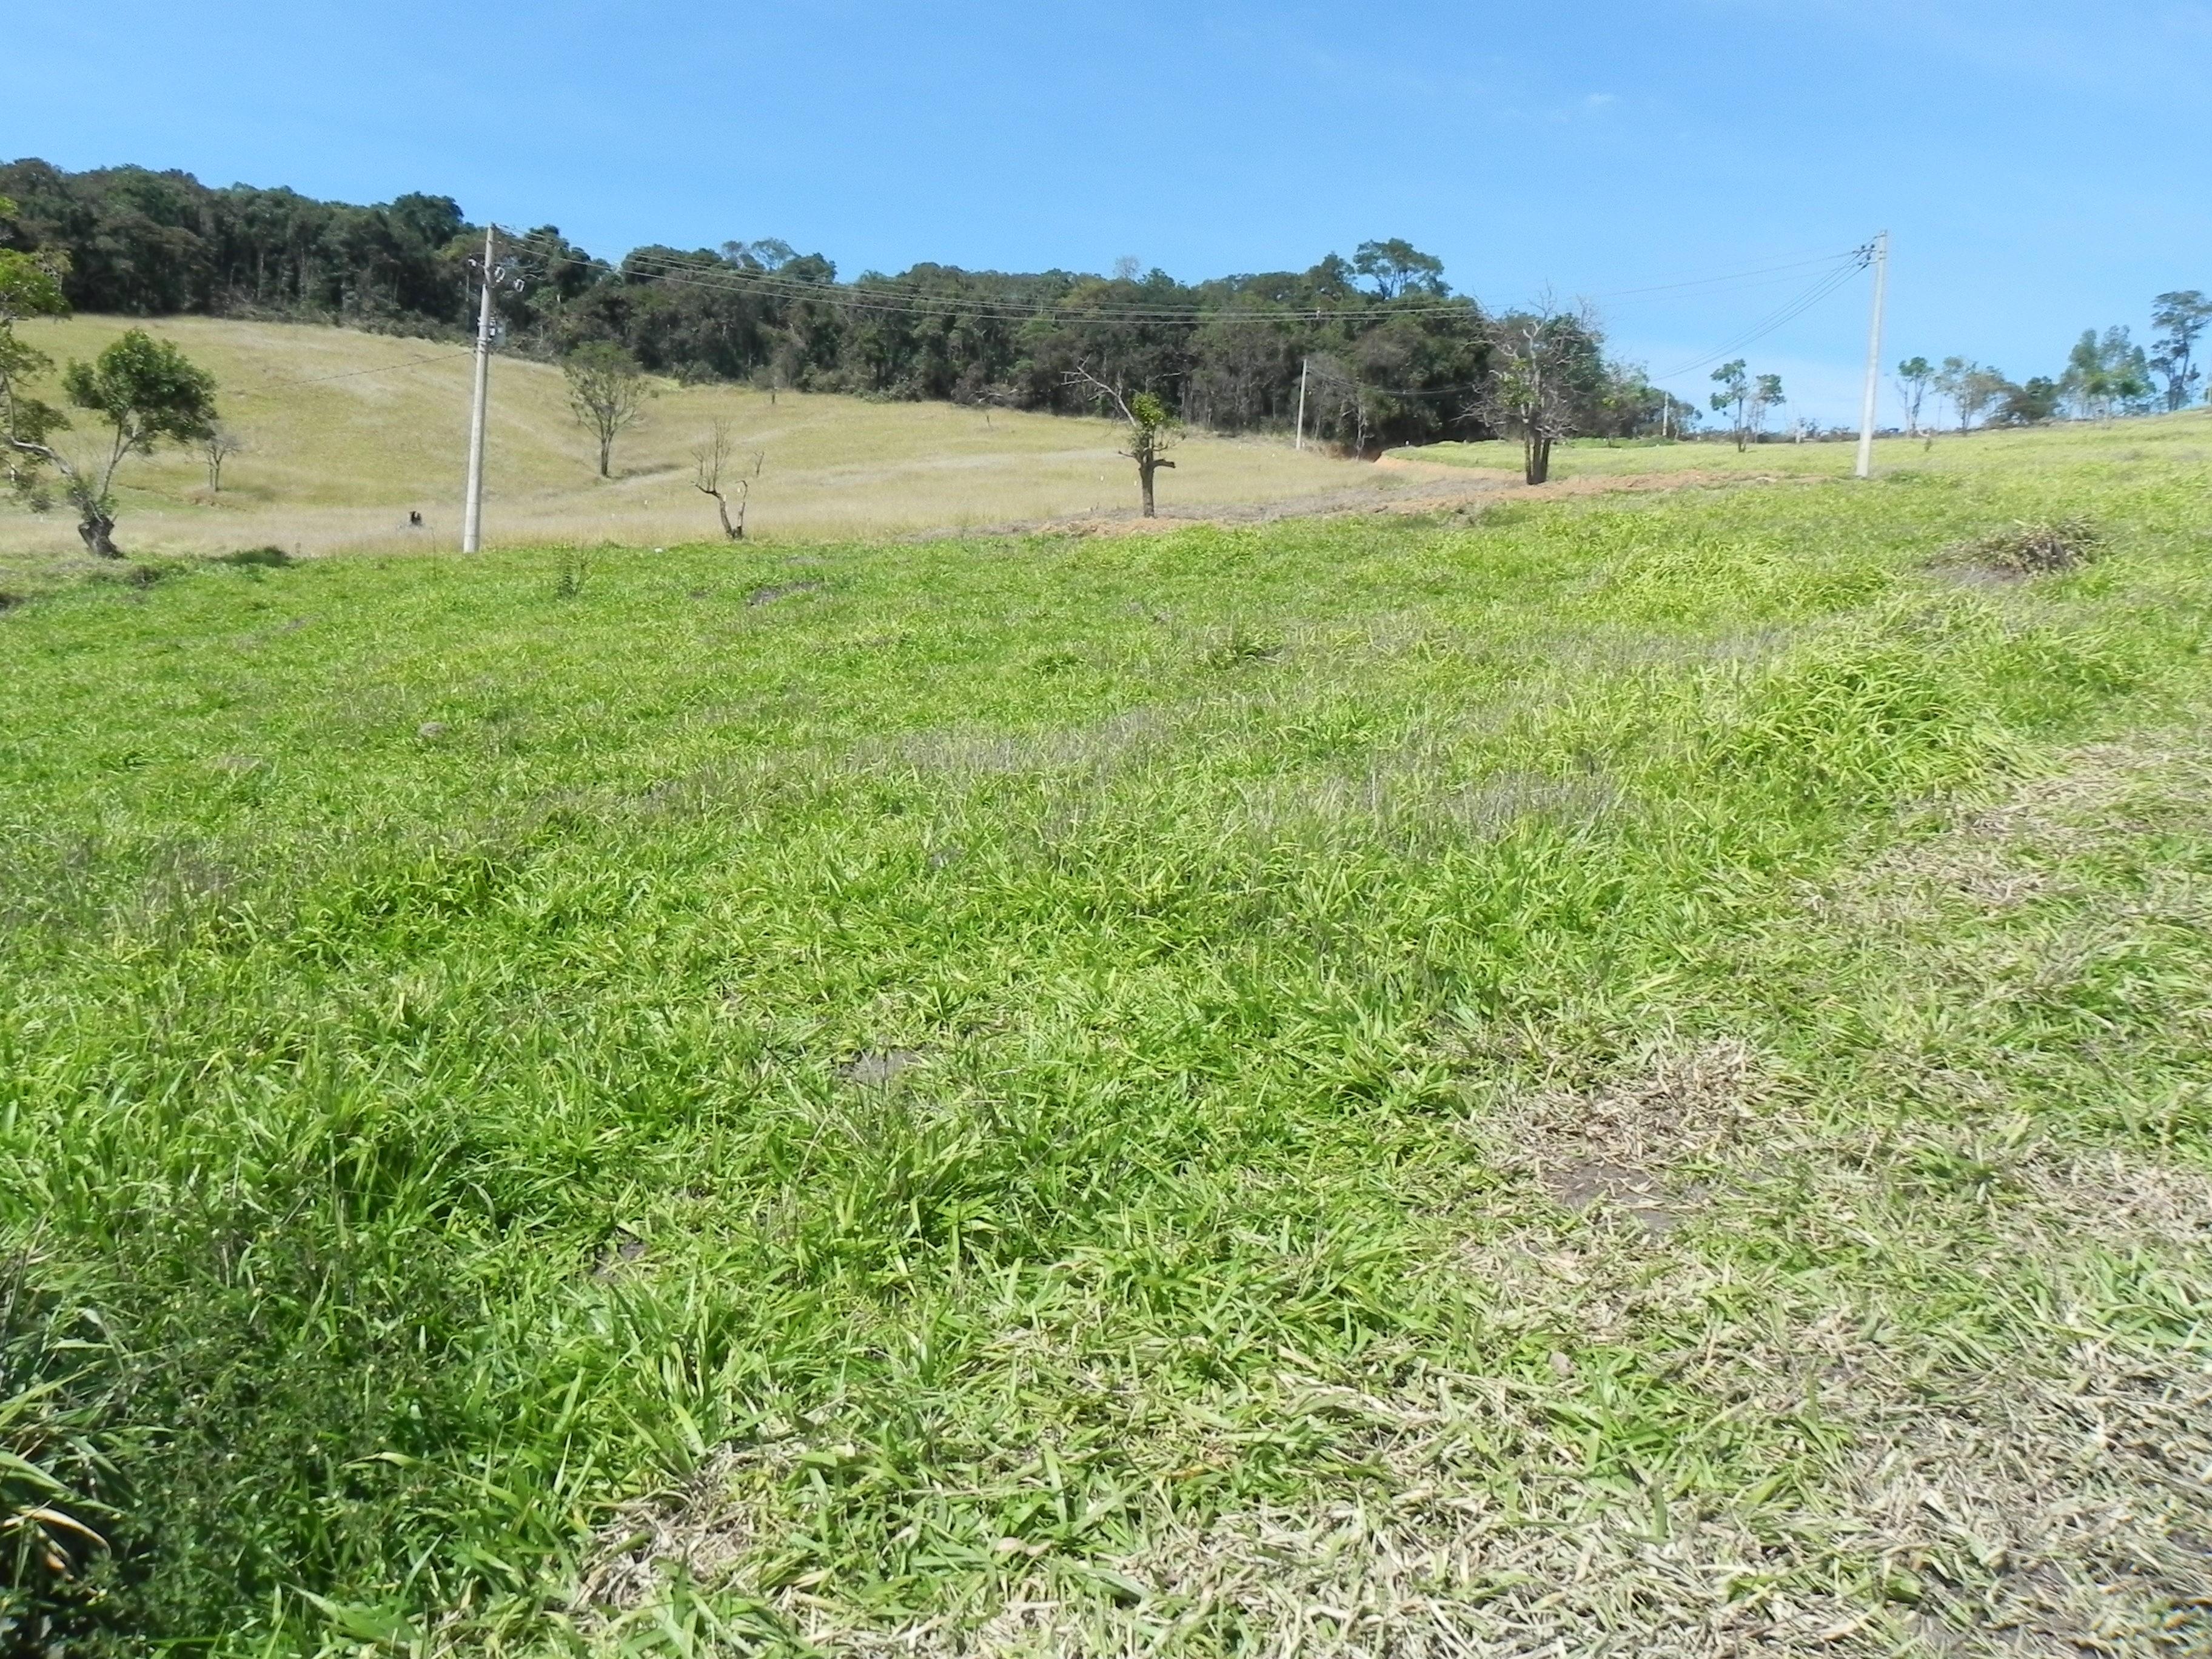 (K.A) terrenos ideais para chacaras e sitios